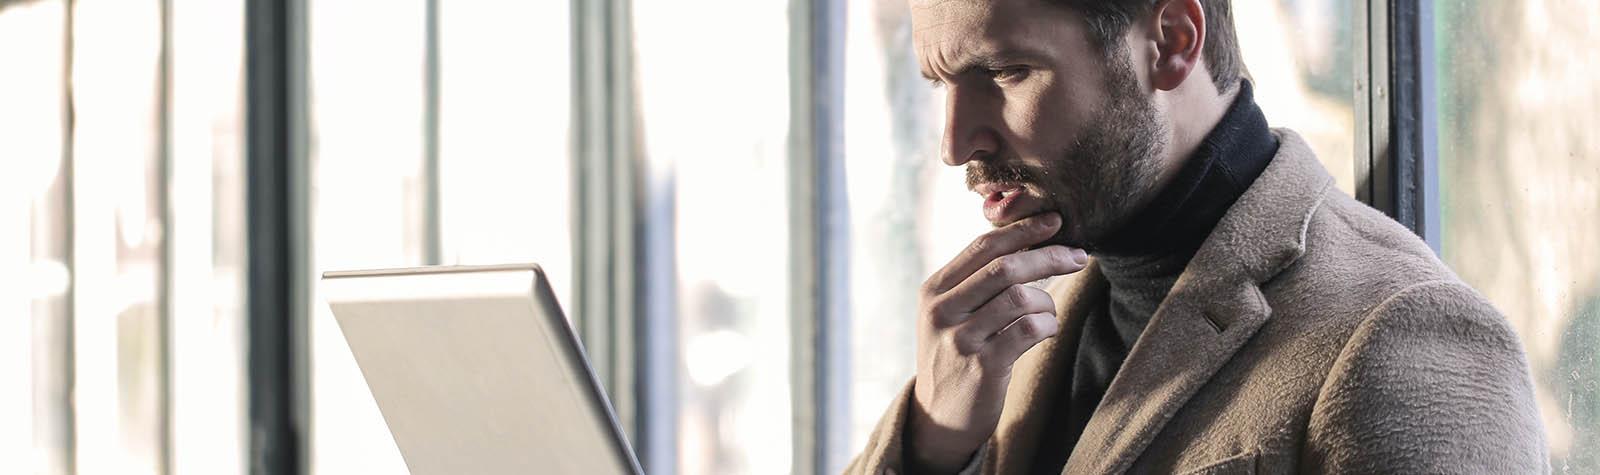 Hoeveel punten scoor jij in de Online Veilig phishingquiz?